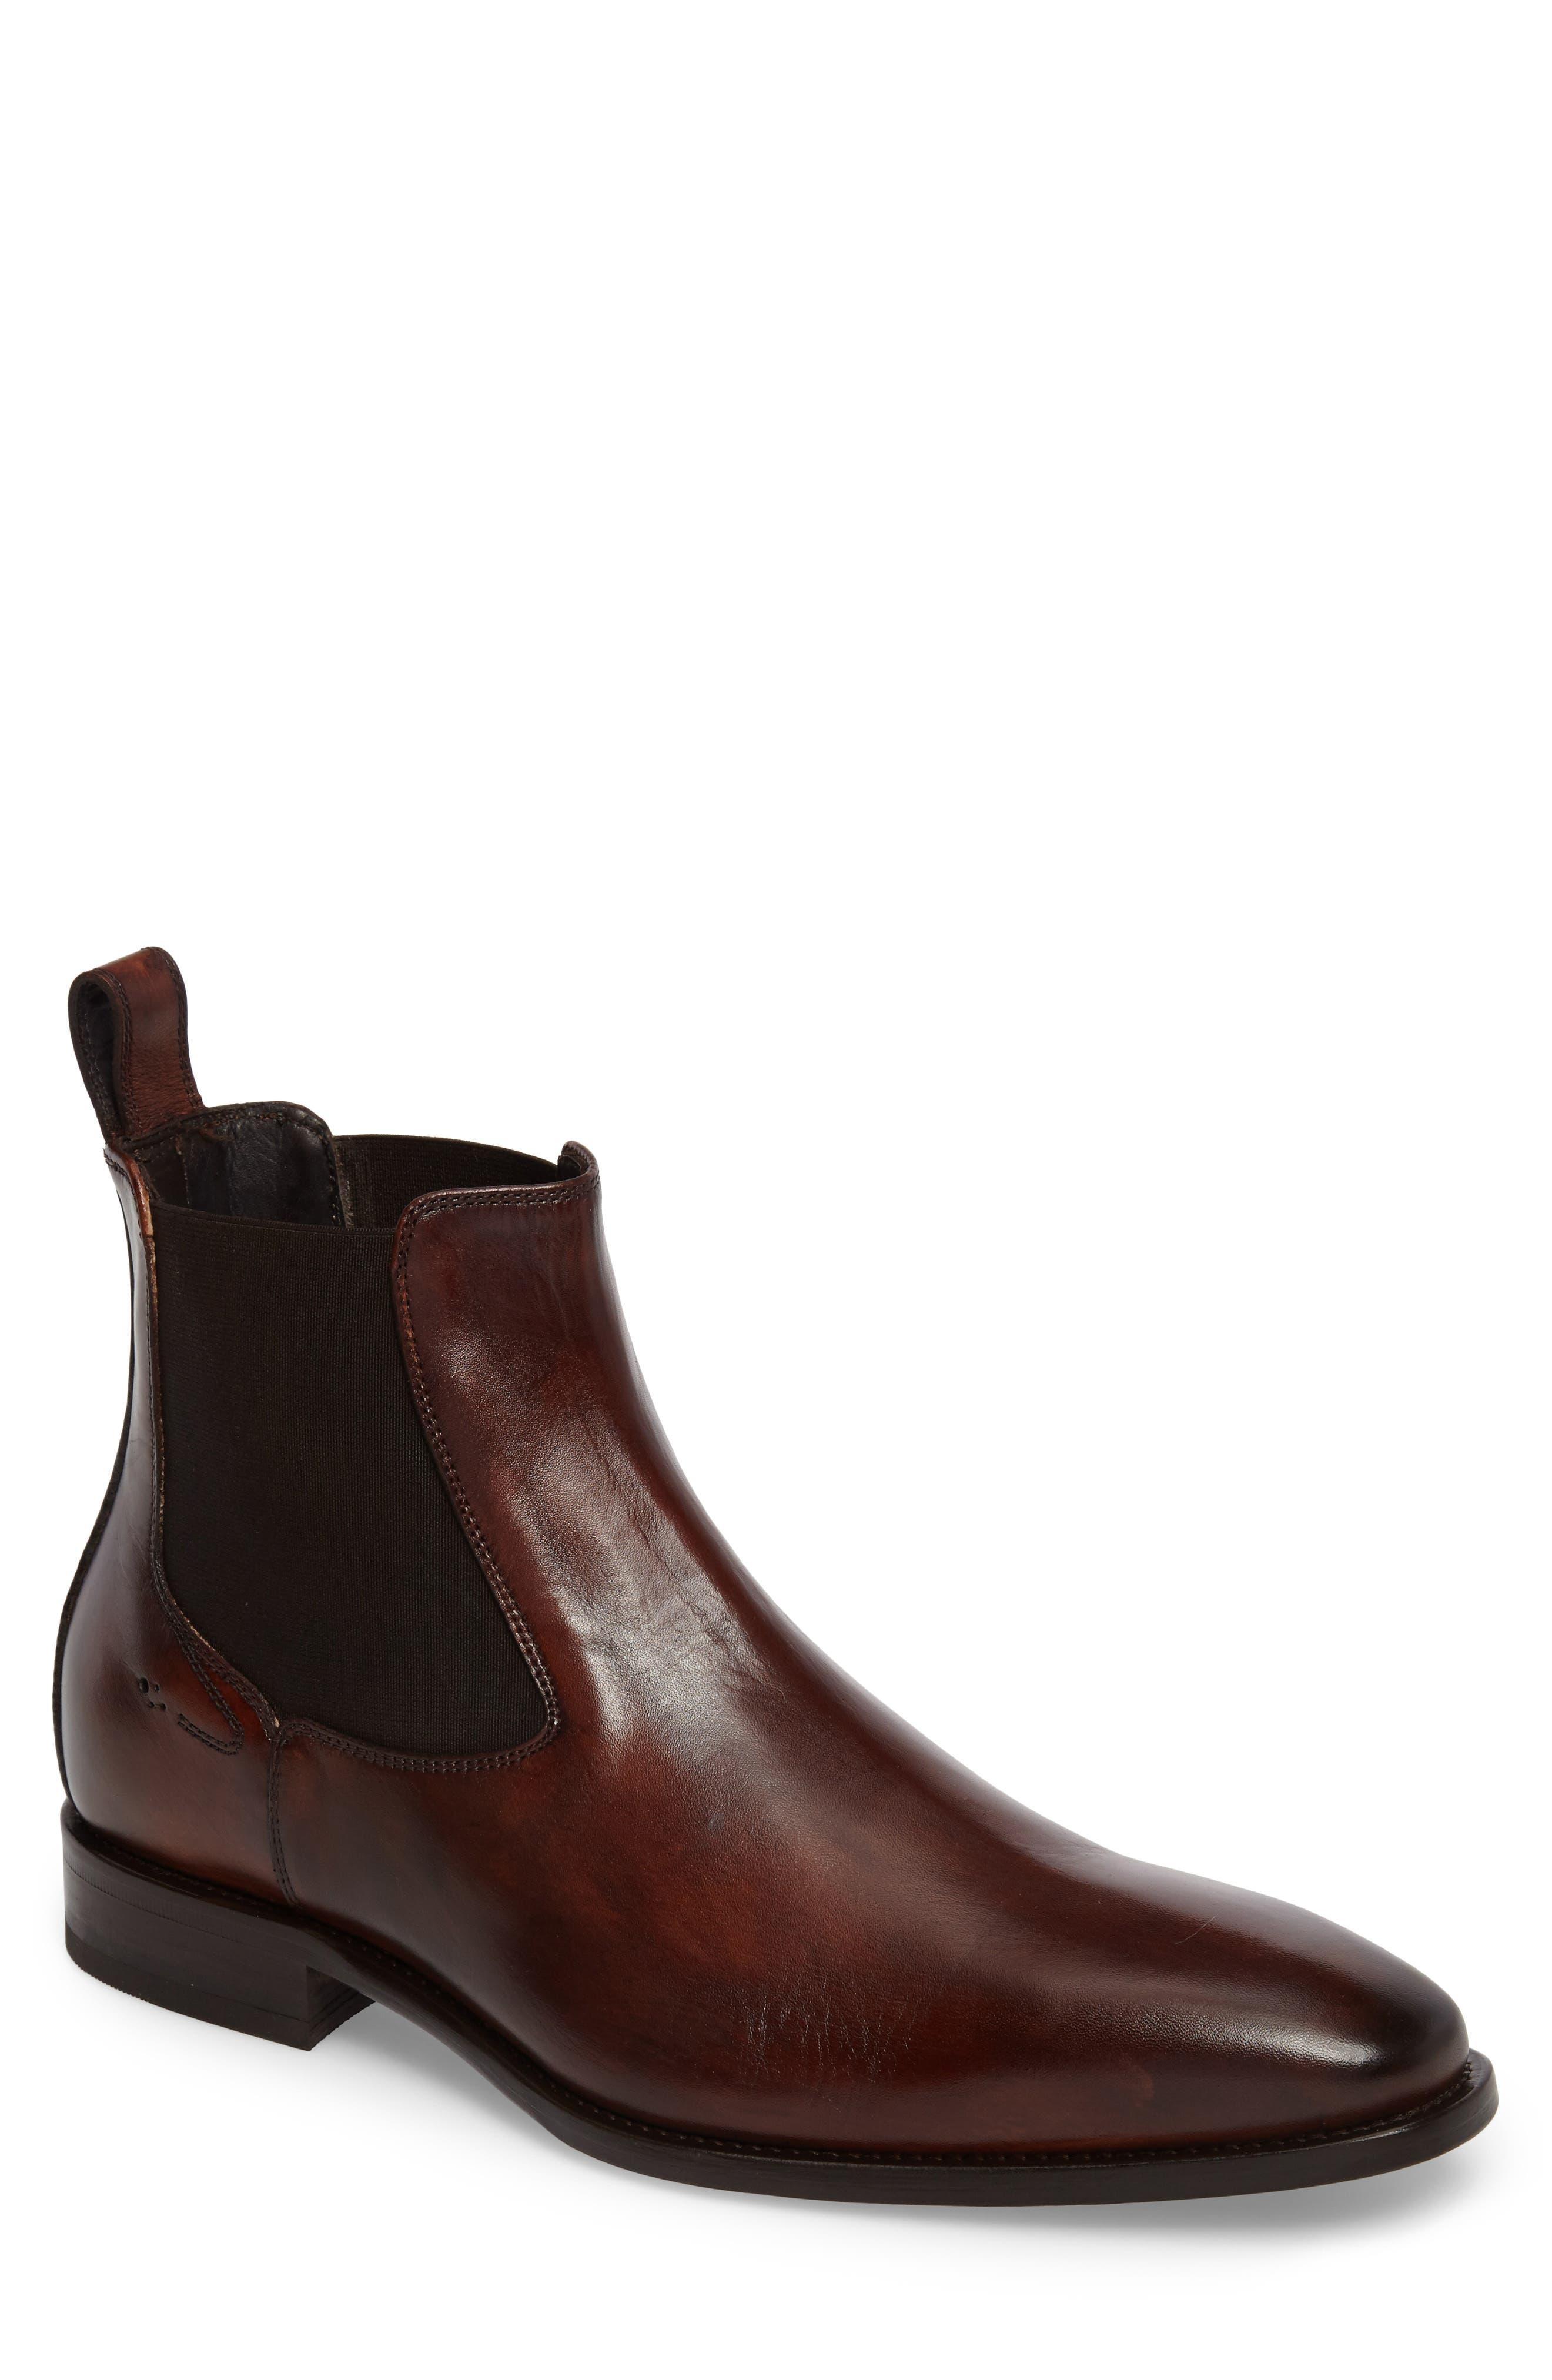 Monte Rosso Bicolli Chelsea Boot (Men)